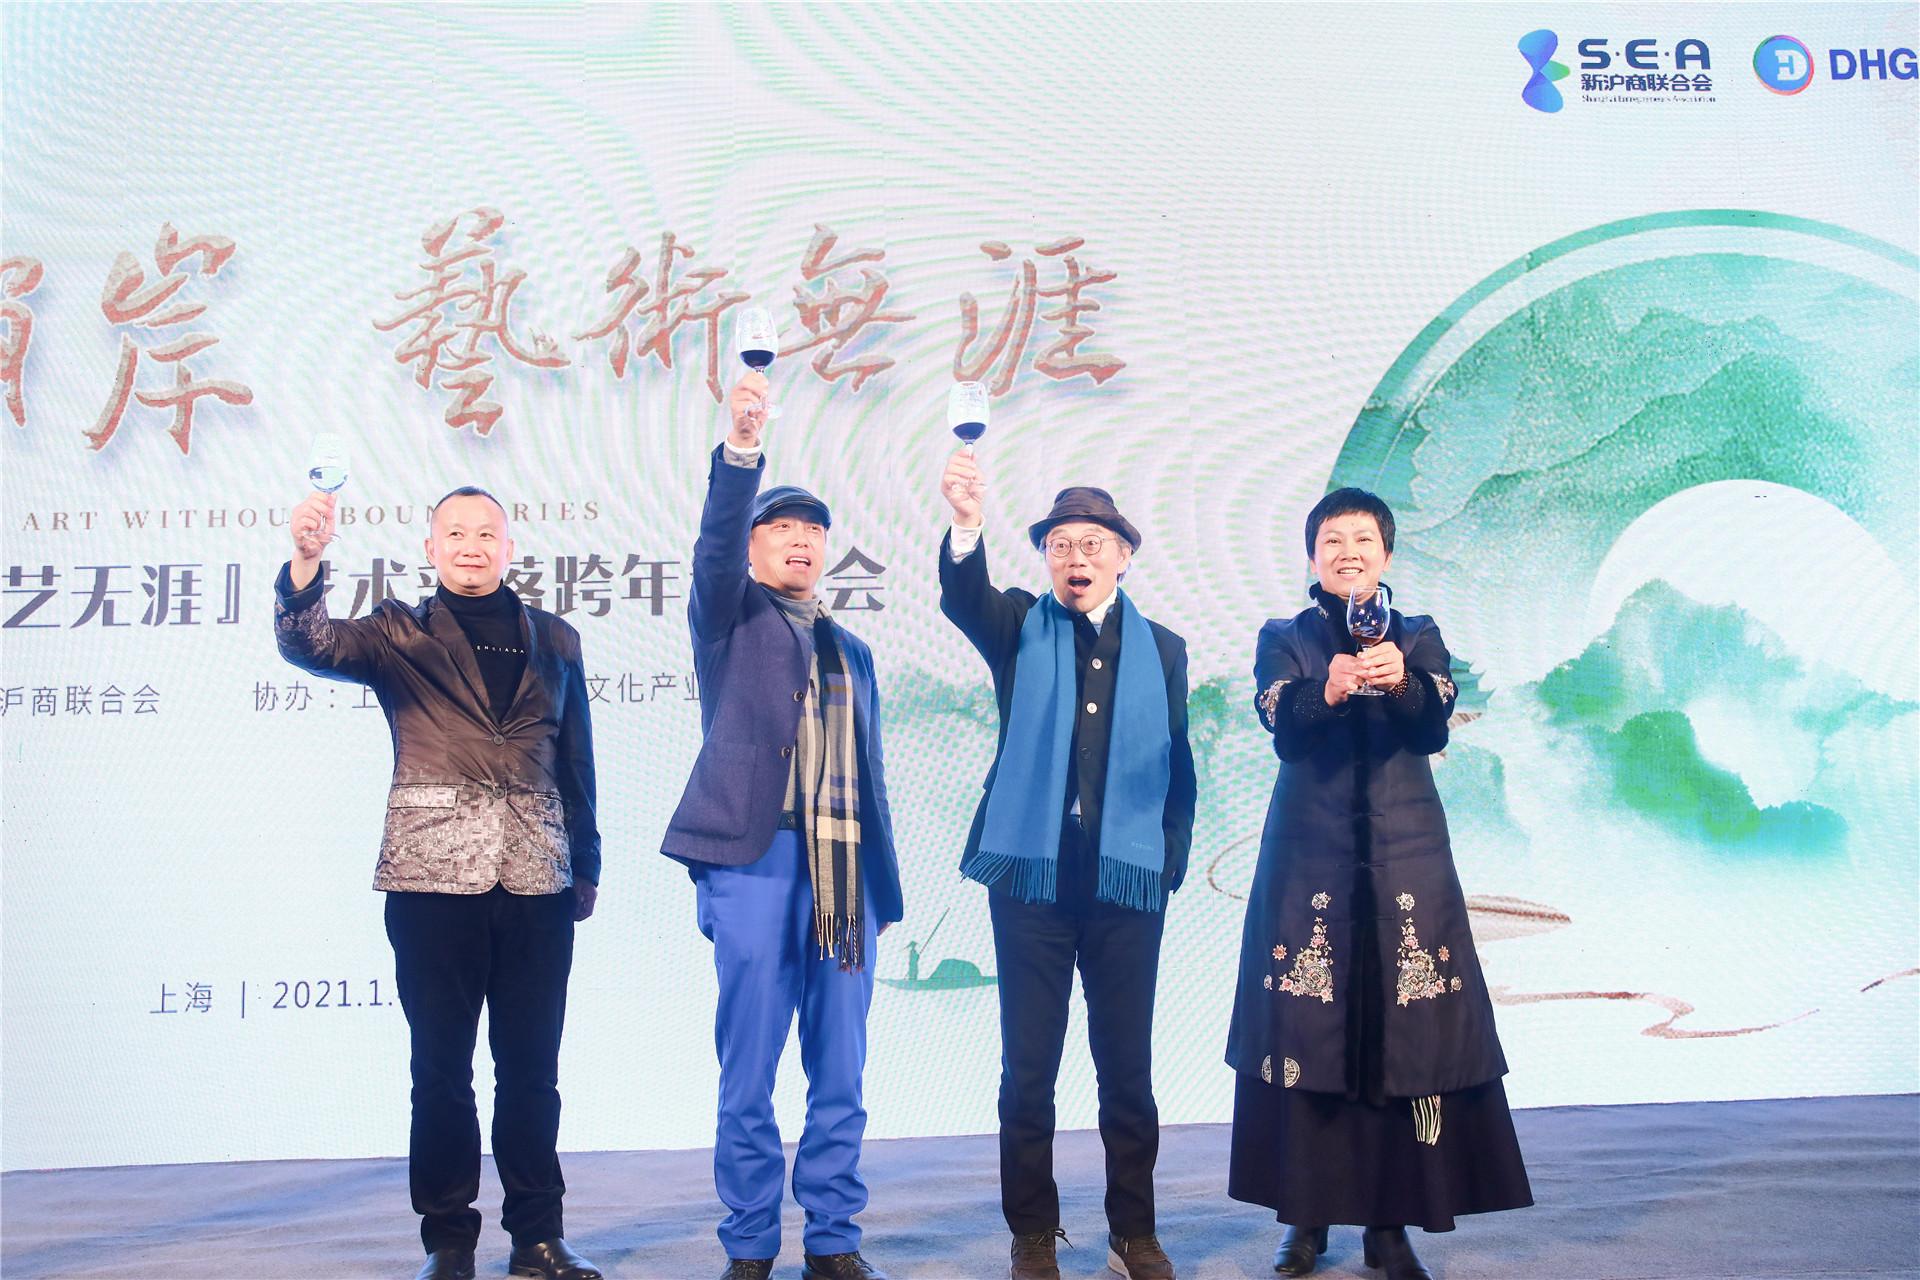 2021新沪商【艺无涯】艺术部落跨年迎新会17